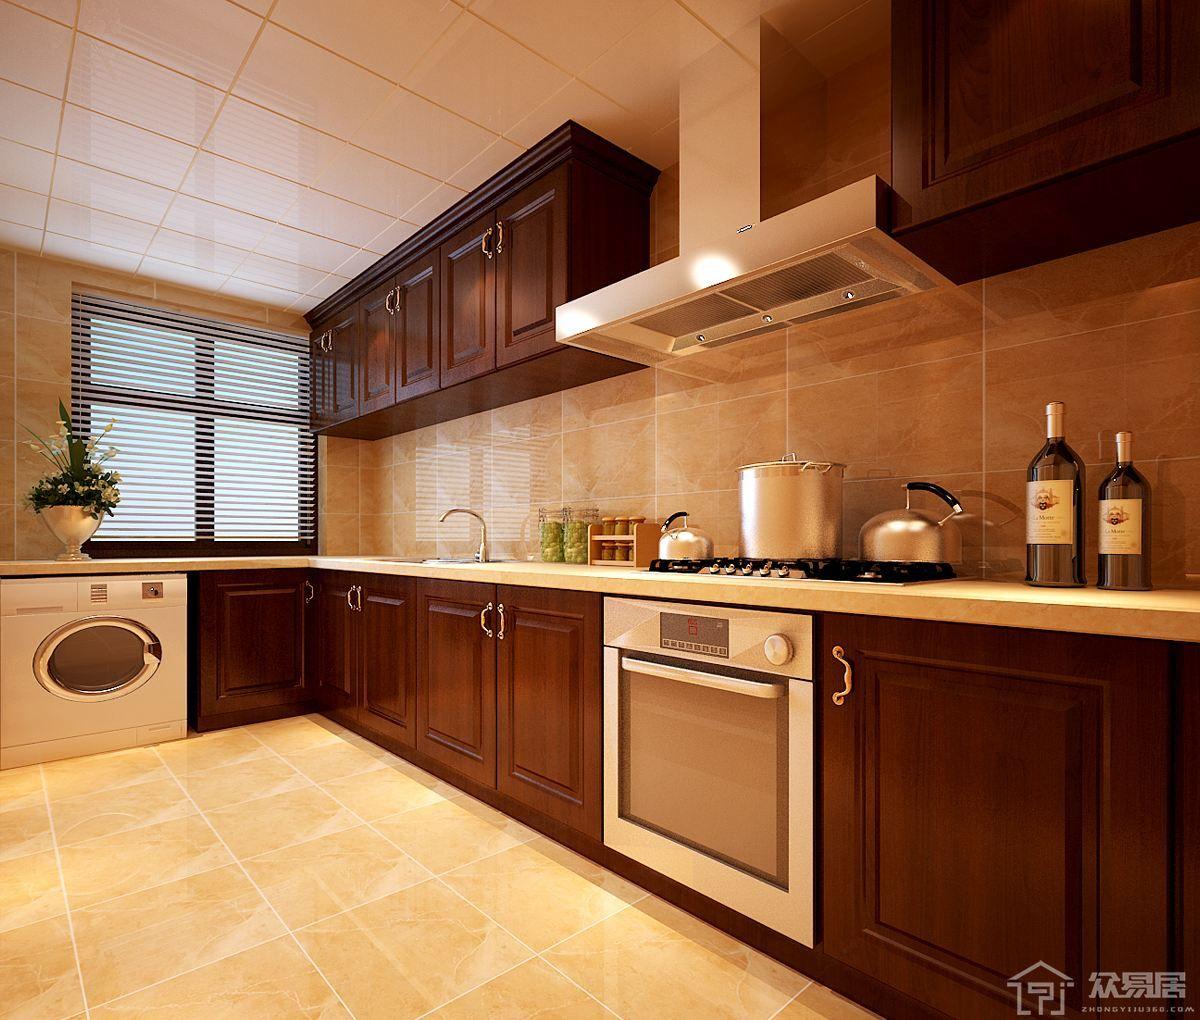 厨房装修如何节省预算 厨房装修设计有什么要点